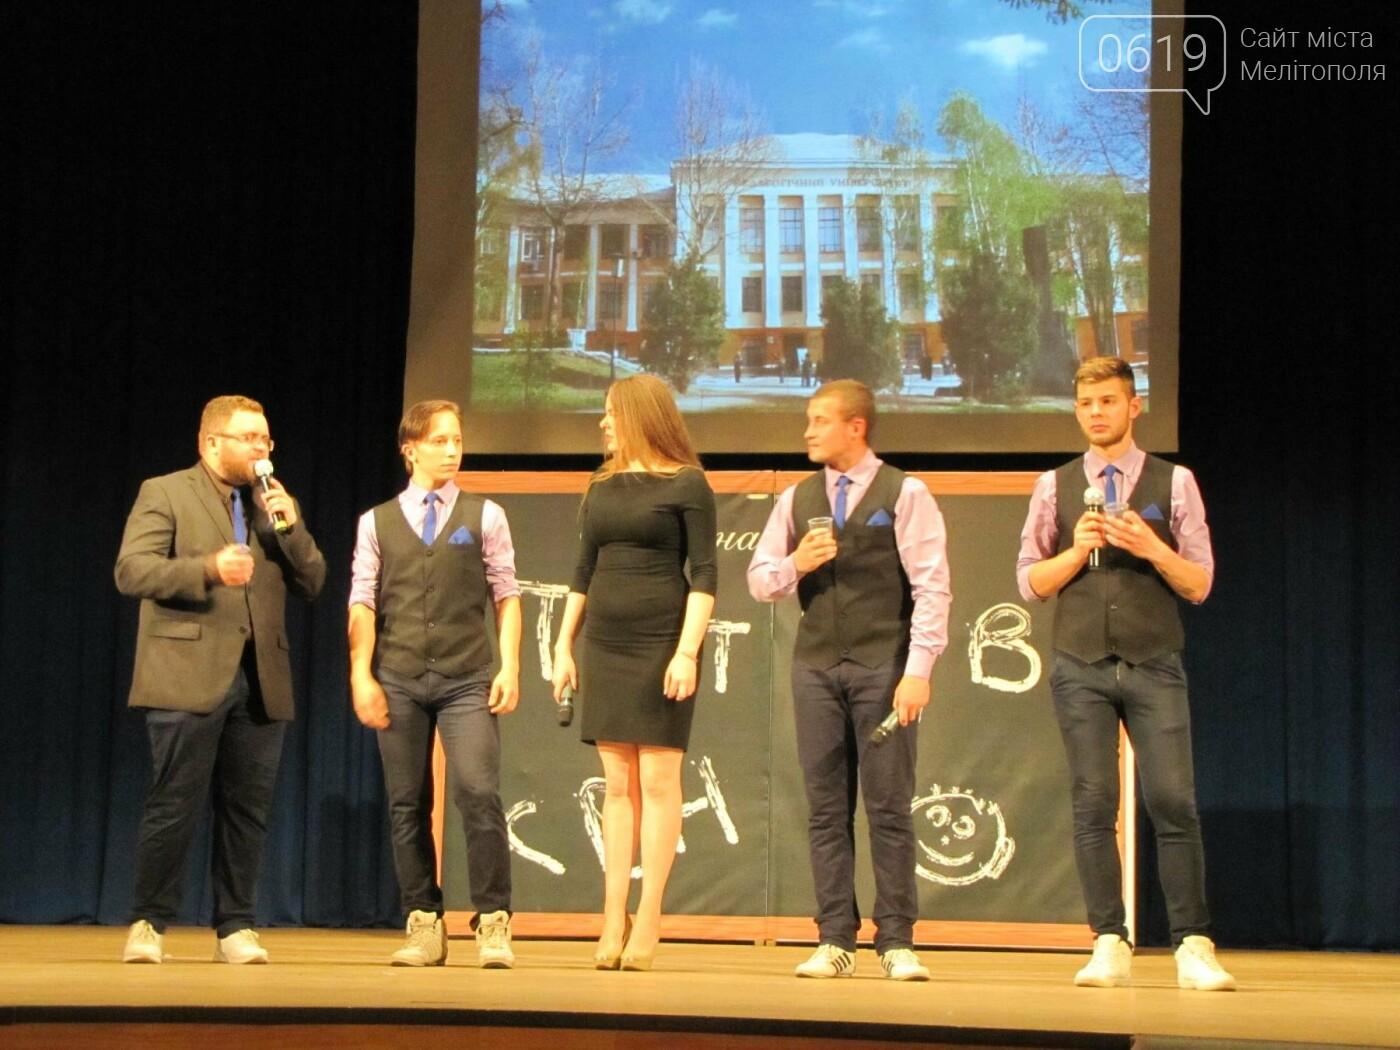 """Звезды """"Лиги смеха"""" выступили на одной сцене с мелитопольскими студентами , фото-23"""